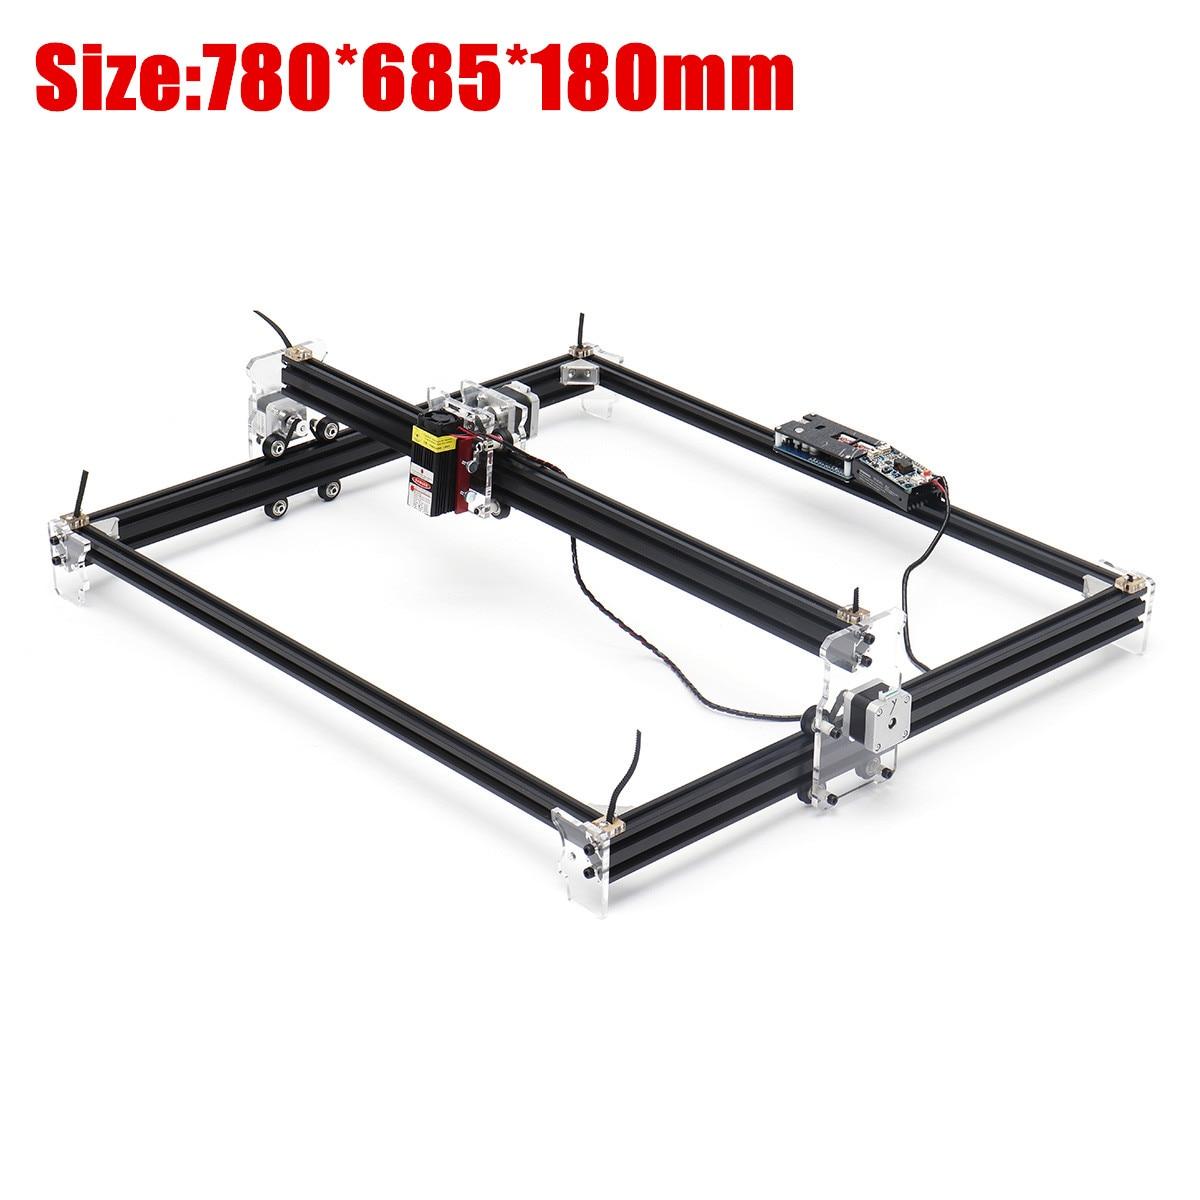 12V Mini 5500mW 65*55cm bleu CNC Machine de gravure Laser 2 axes bricolage maison graveur bureau bois routeur/Cutter/imprimante Machine-outil - 3